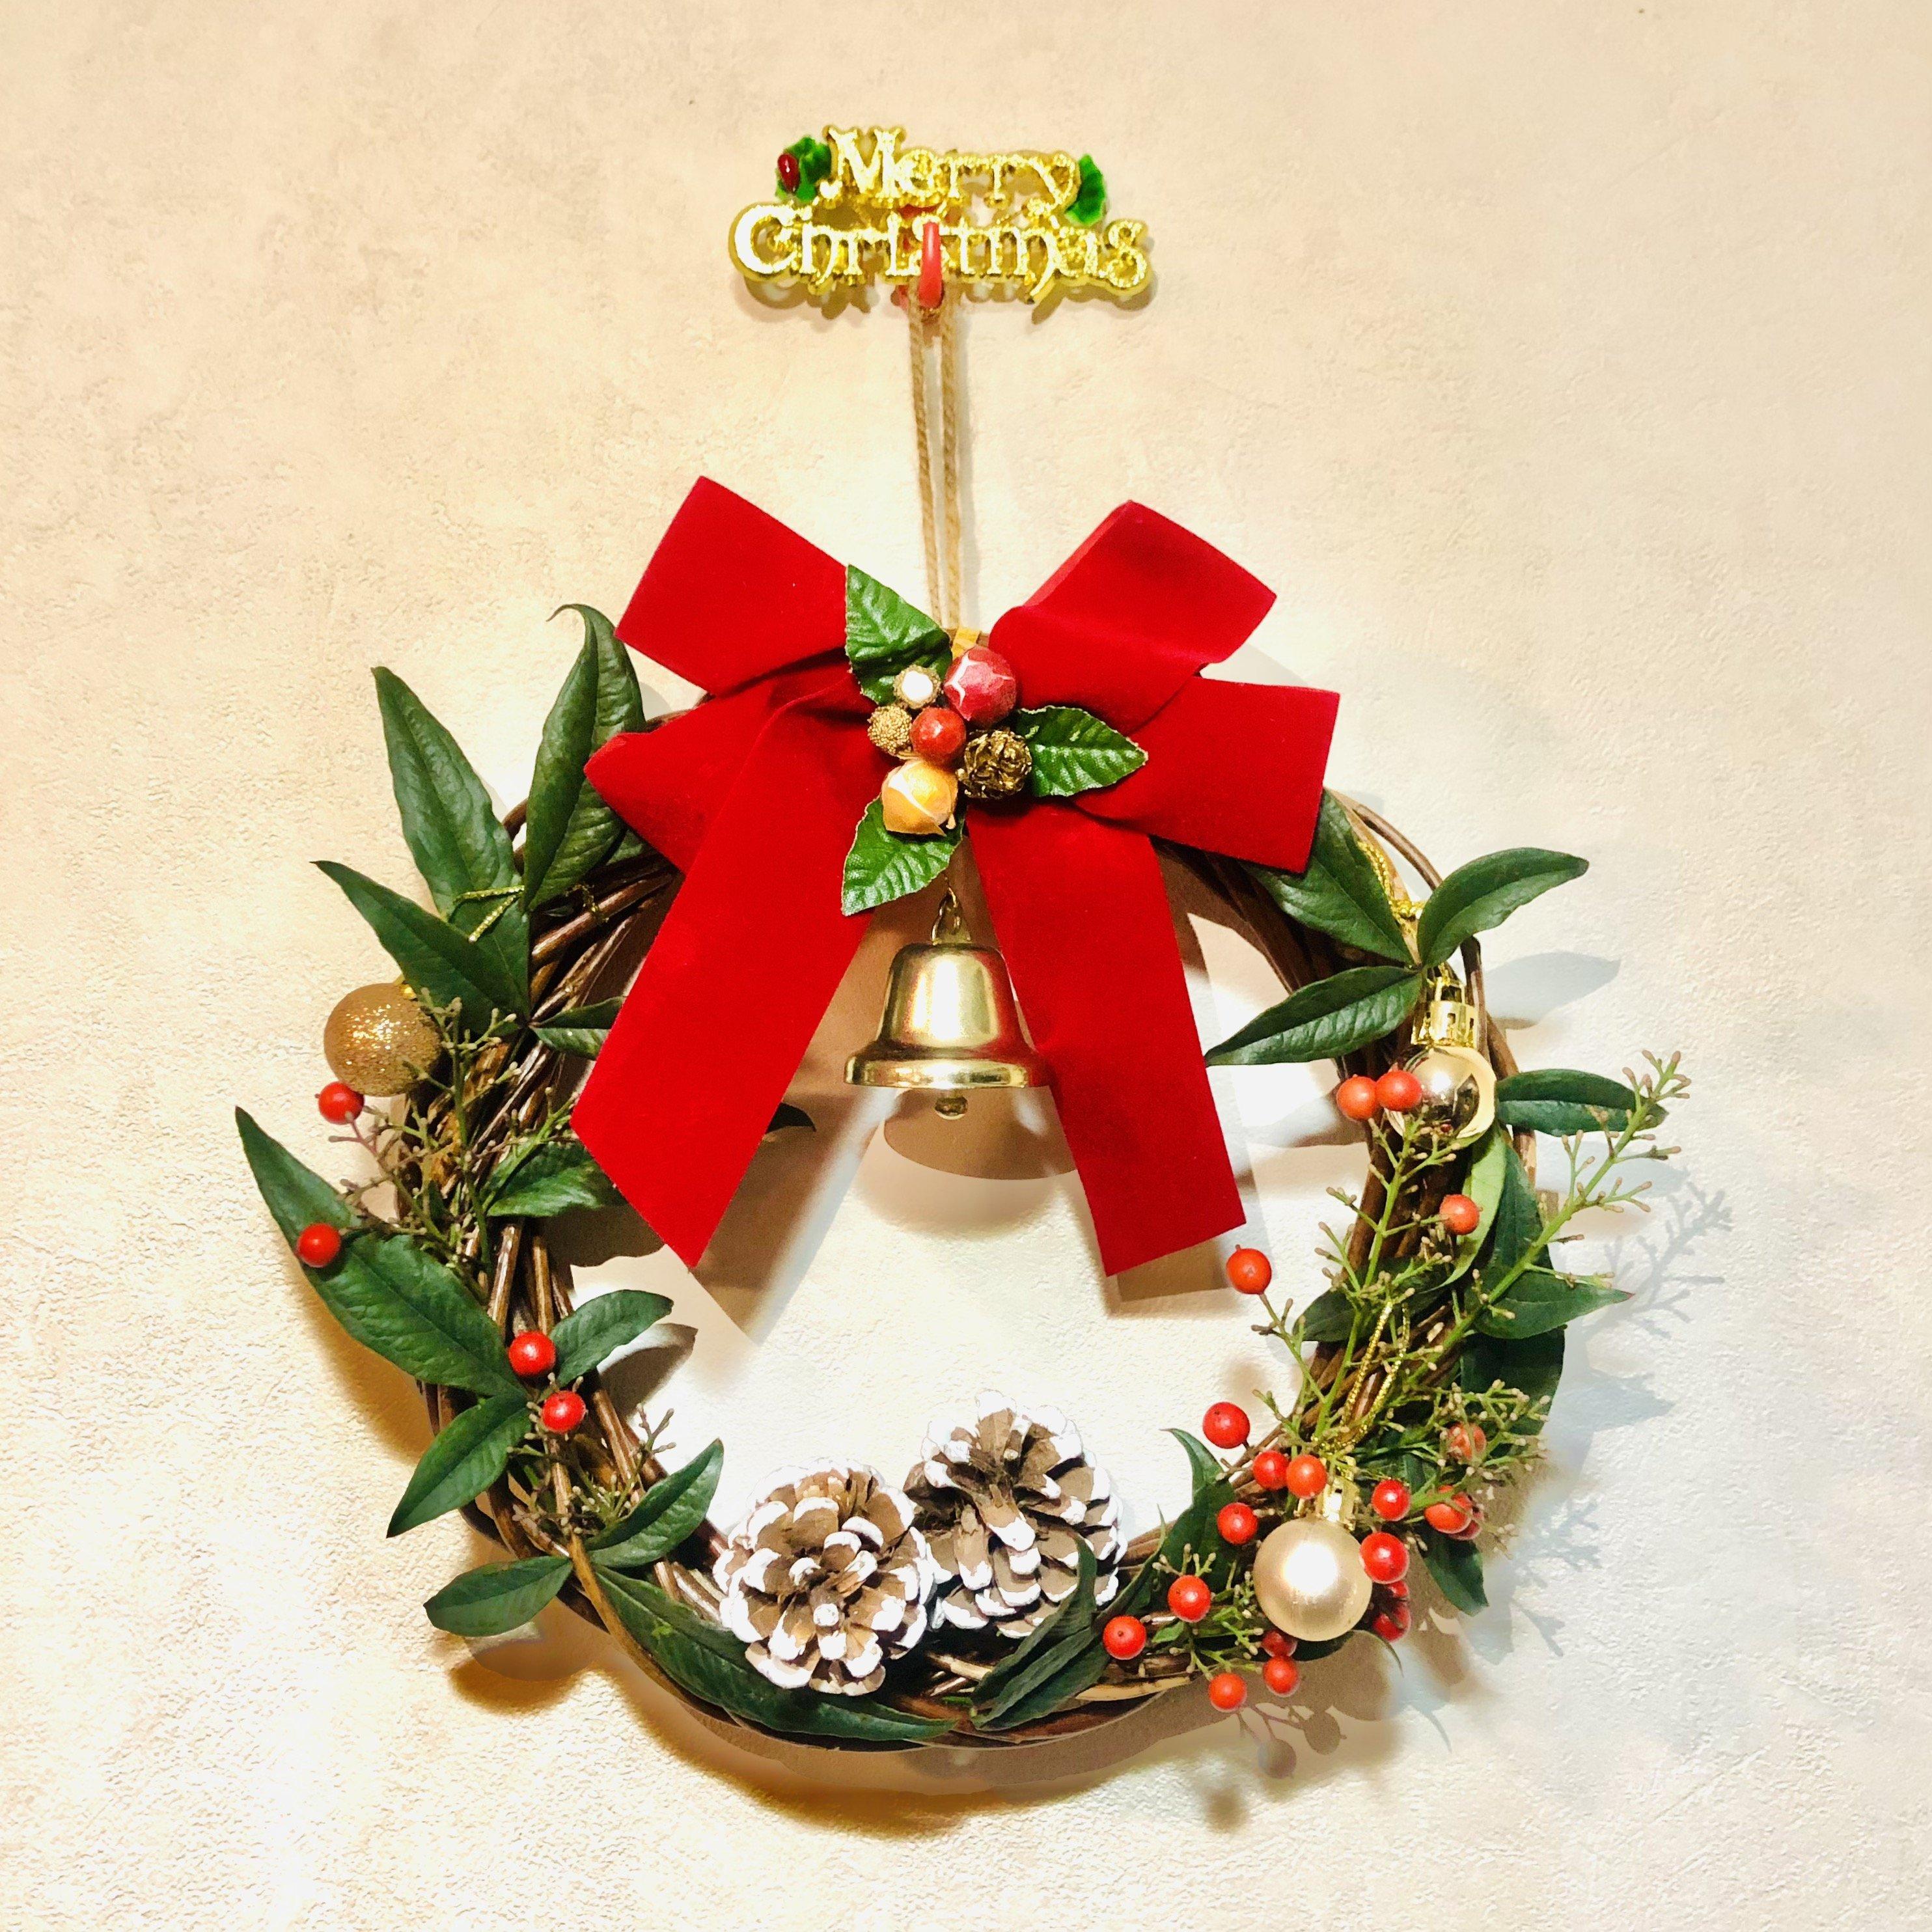 12/19(土)【オンラインzoomレッスン13:30〜14:30】✨ 英語レッスン✨🎅 サンタさんと一緒に クリスマスリースを作ろう 🎶🔔🎄イングリッシュ✬レシピ🎄のイメージその1